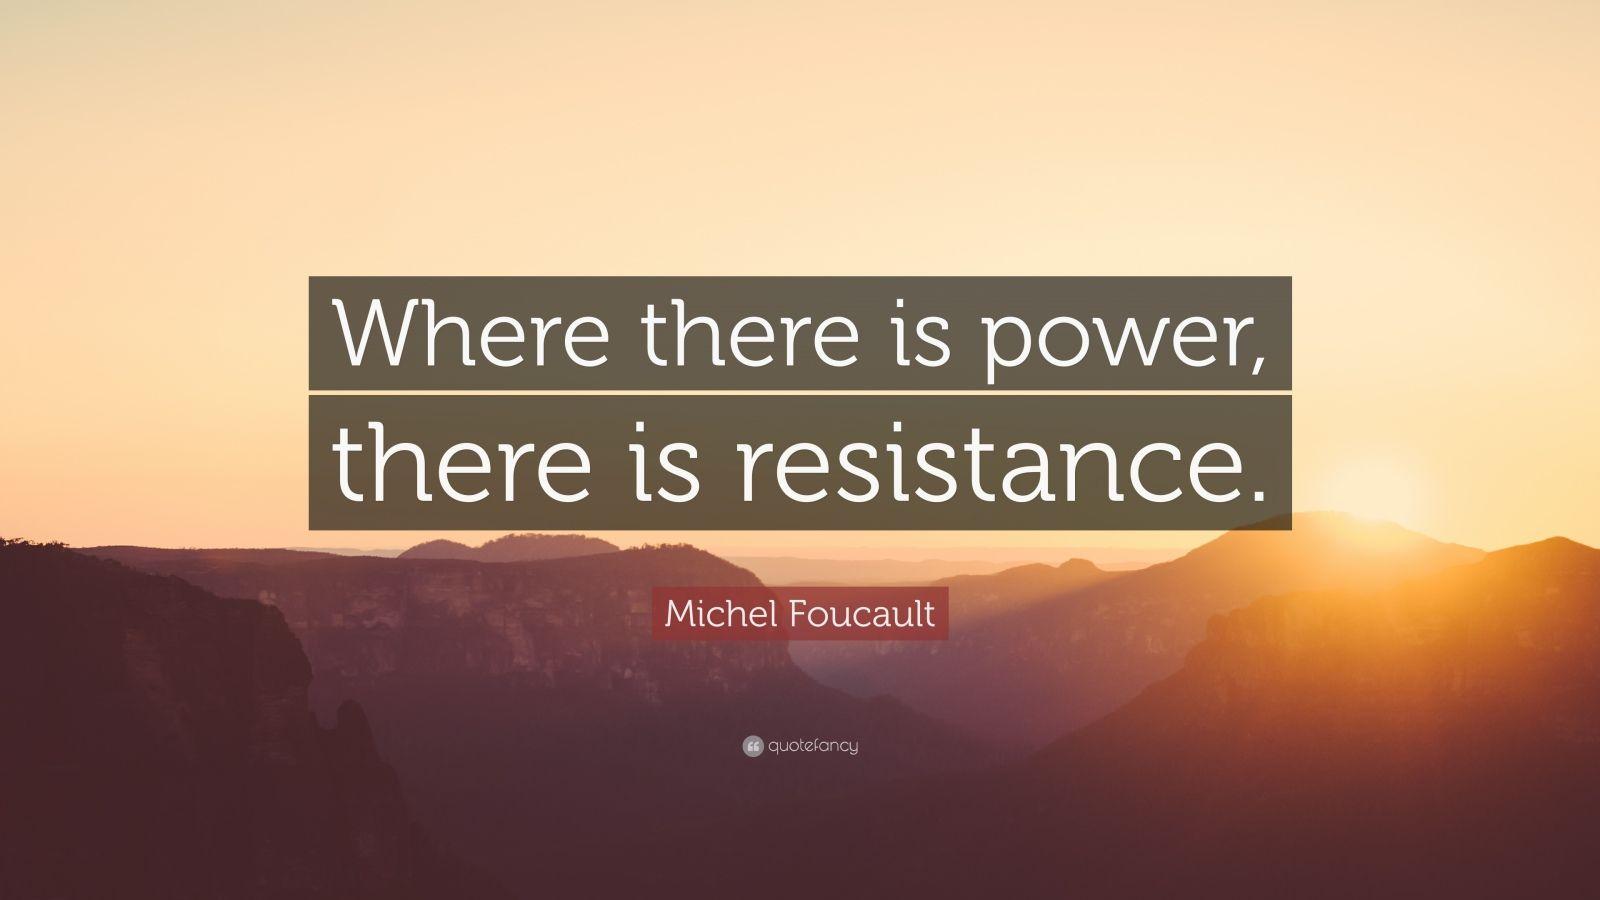 foucault citater Michel Foucault Quotes (94 wallpapers)   Quotefancy foucault citater